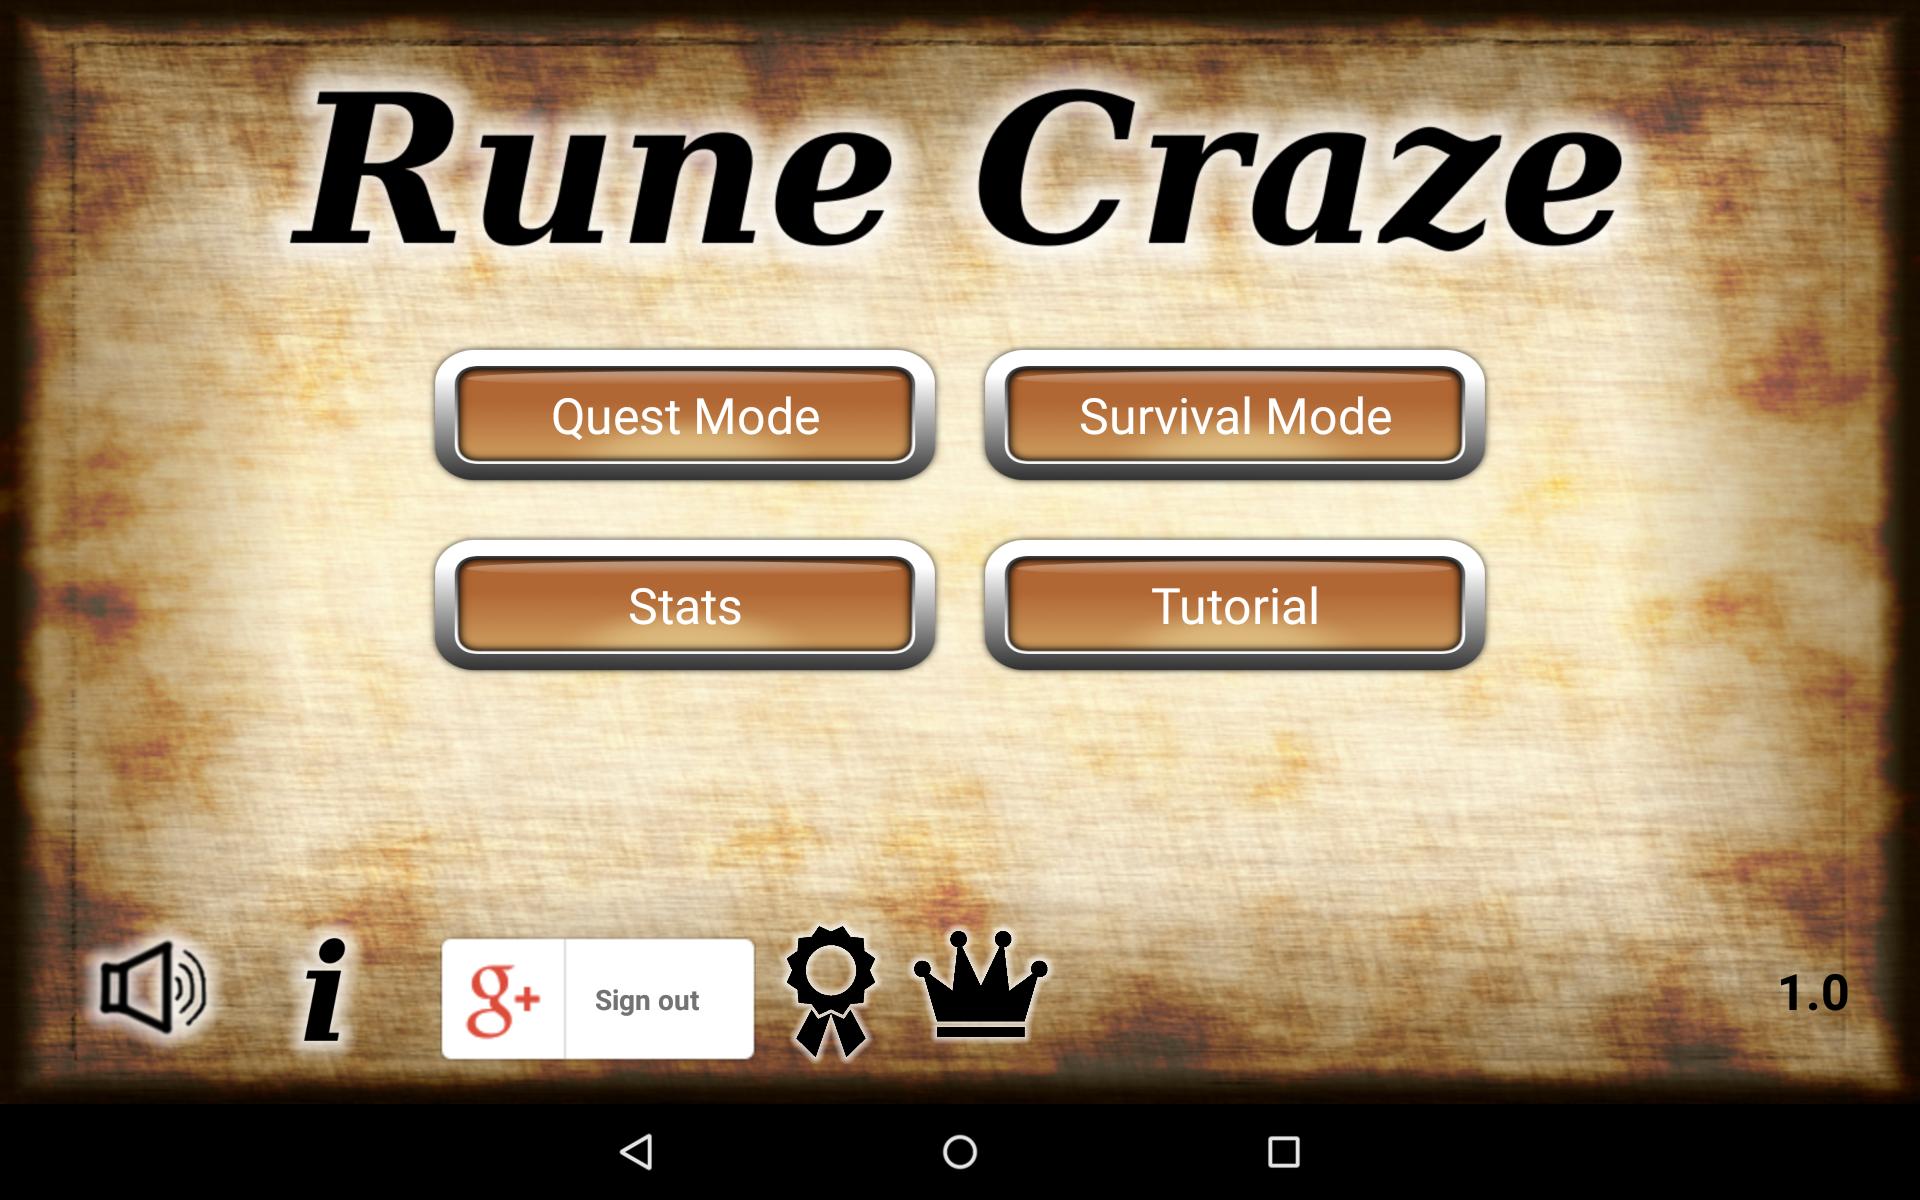 Rune Craze